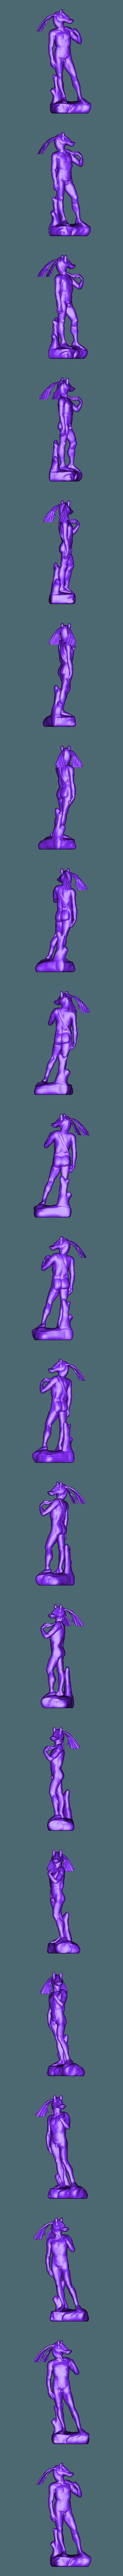 """David Binks 5.stl Download free STL file David """"Jar Jar"""" Binks • 3D print design, lurgee"""